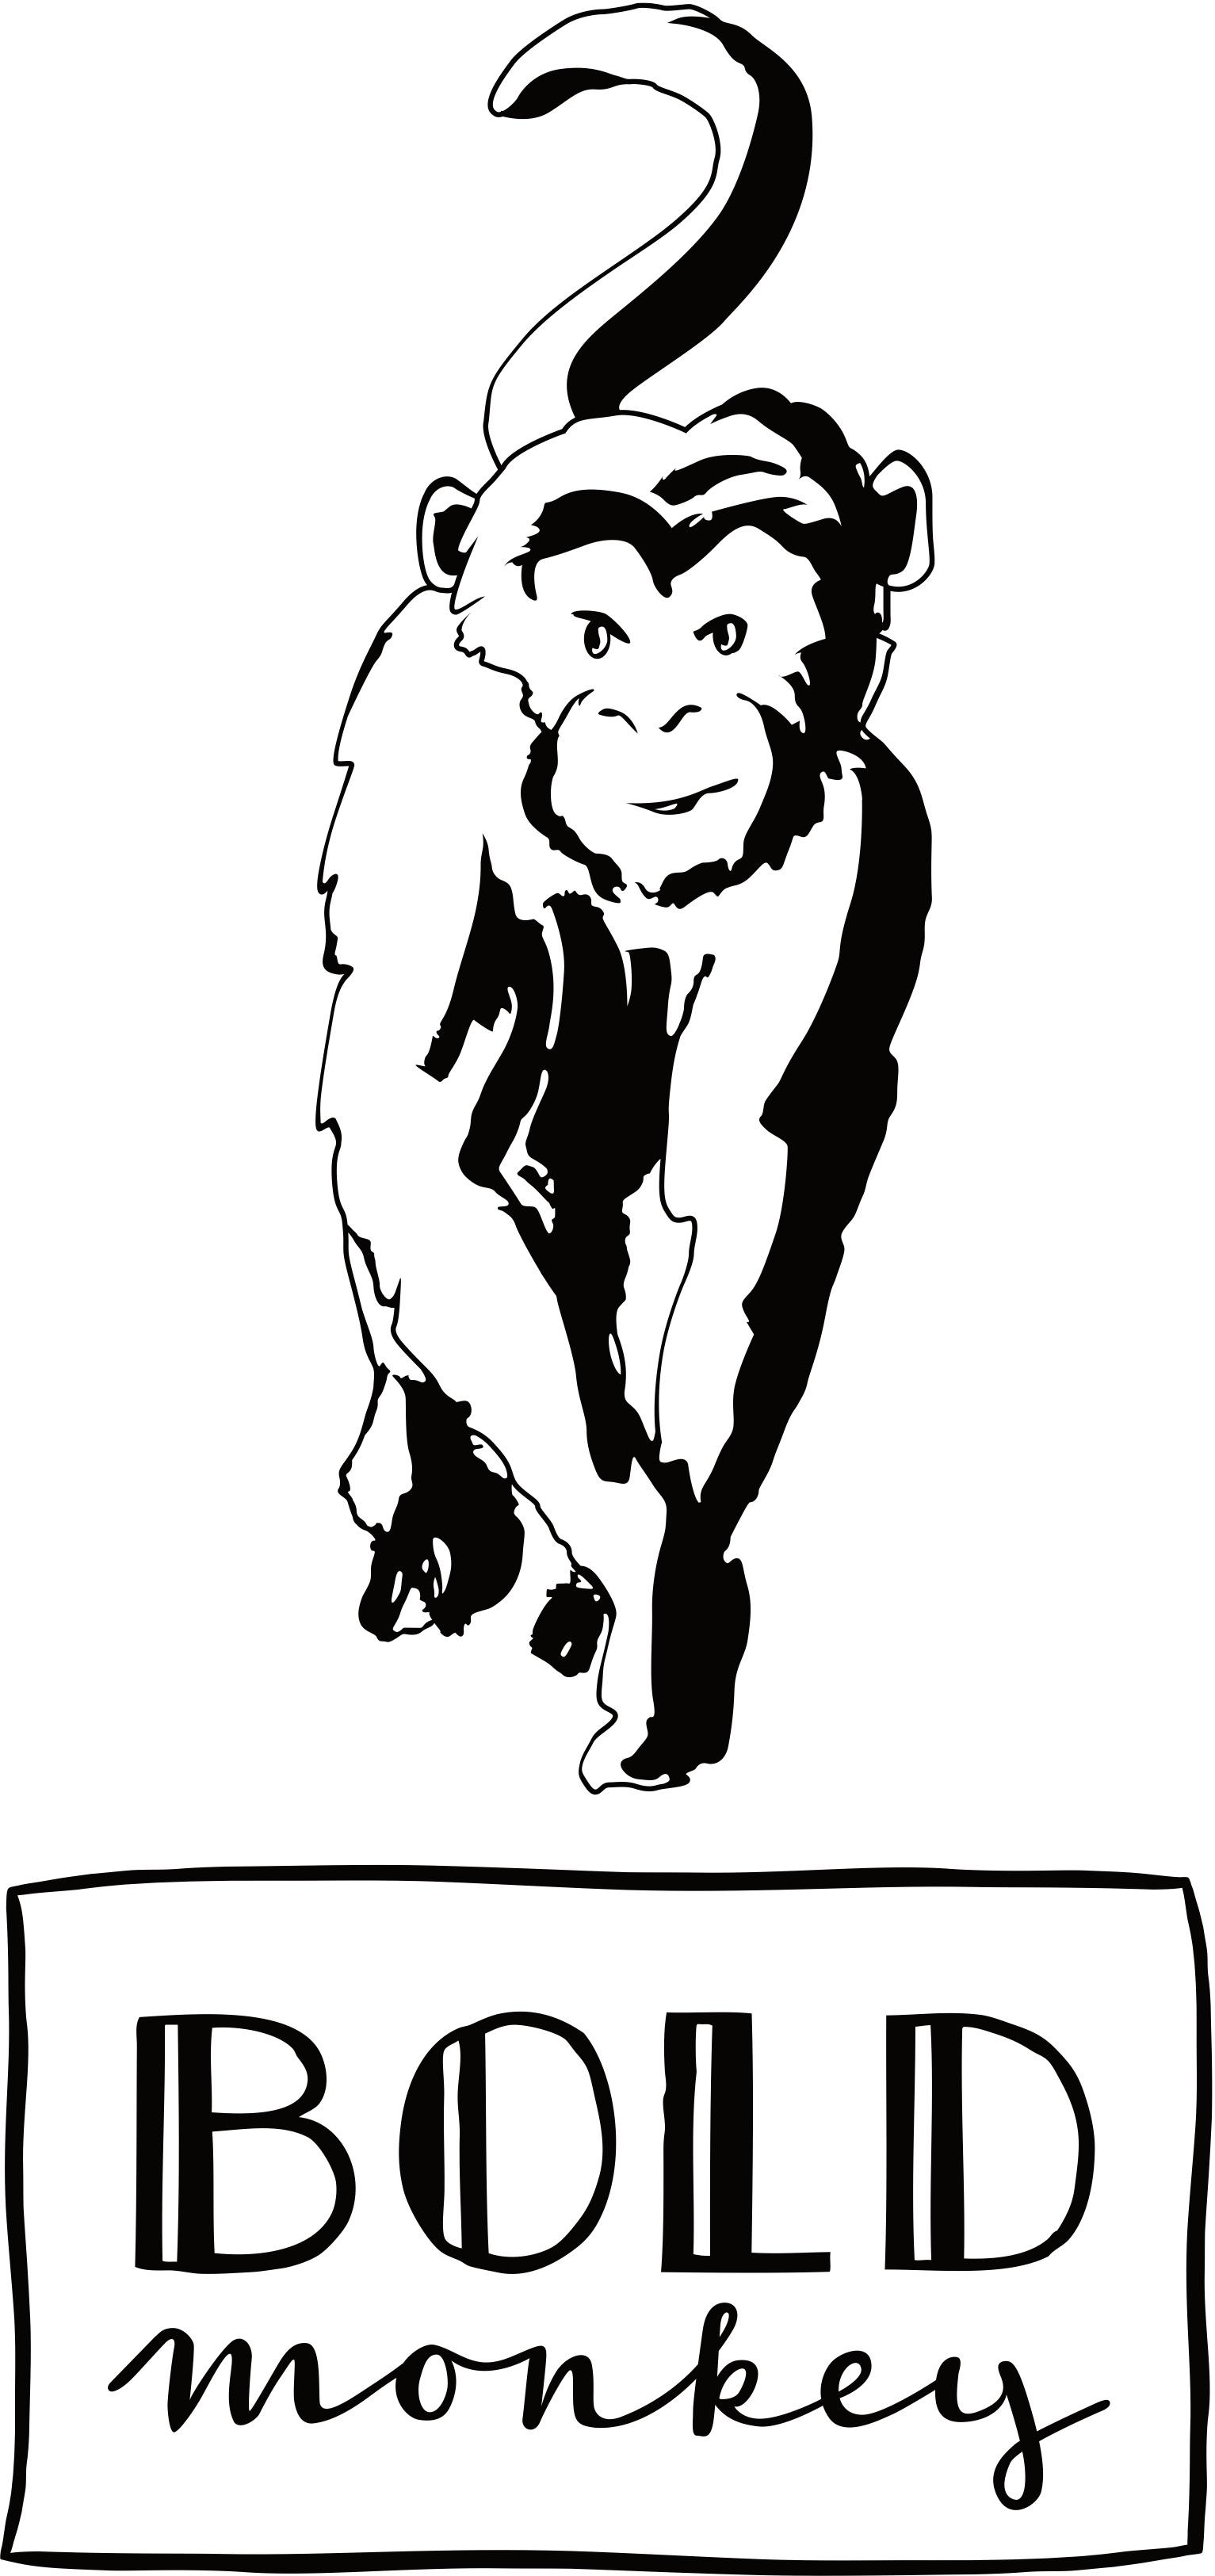 Bold Monkey Light My Fire deco light - Design papegaai wandlamp zwart